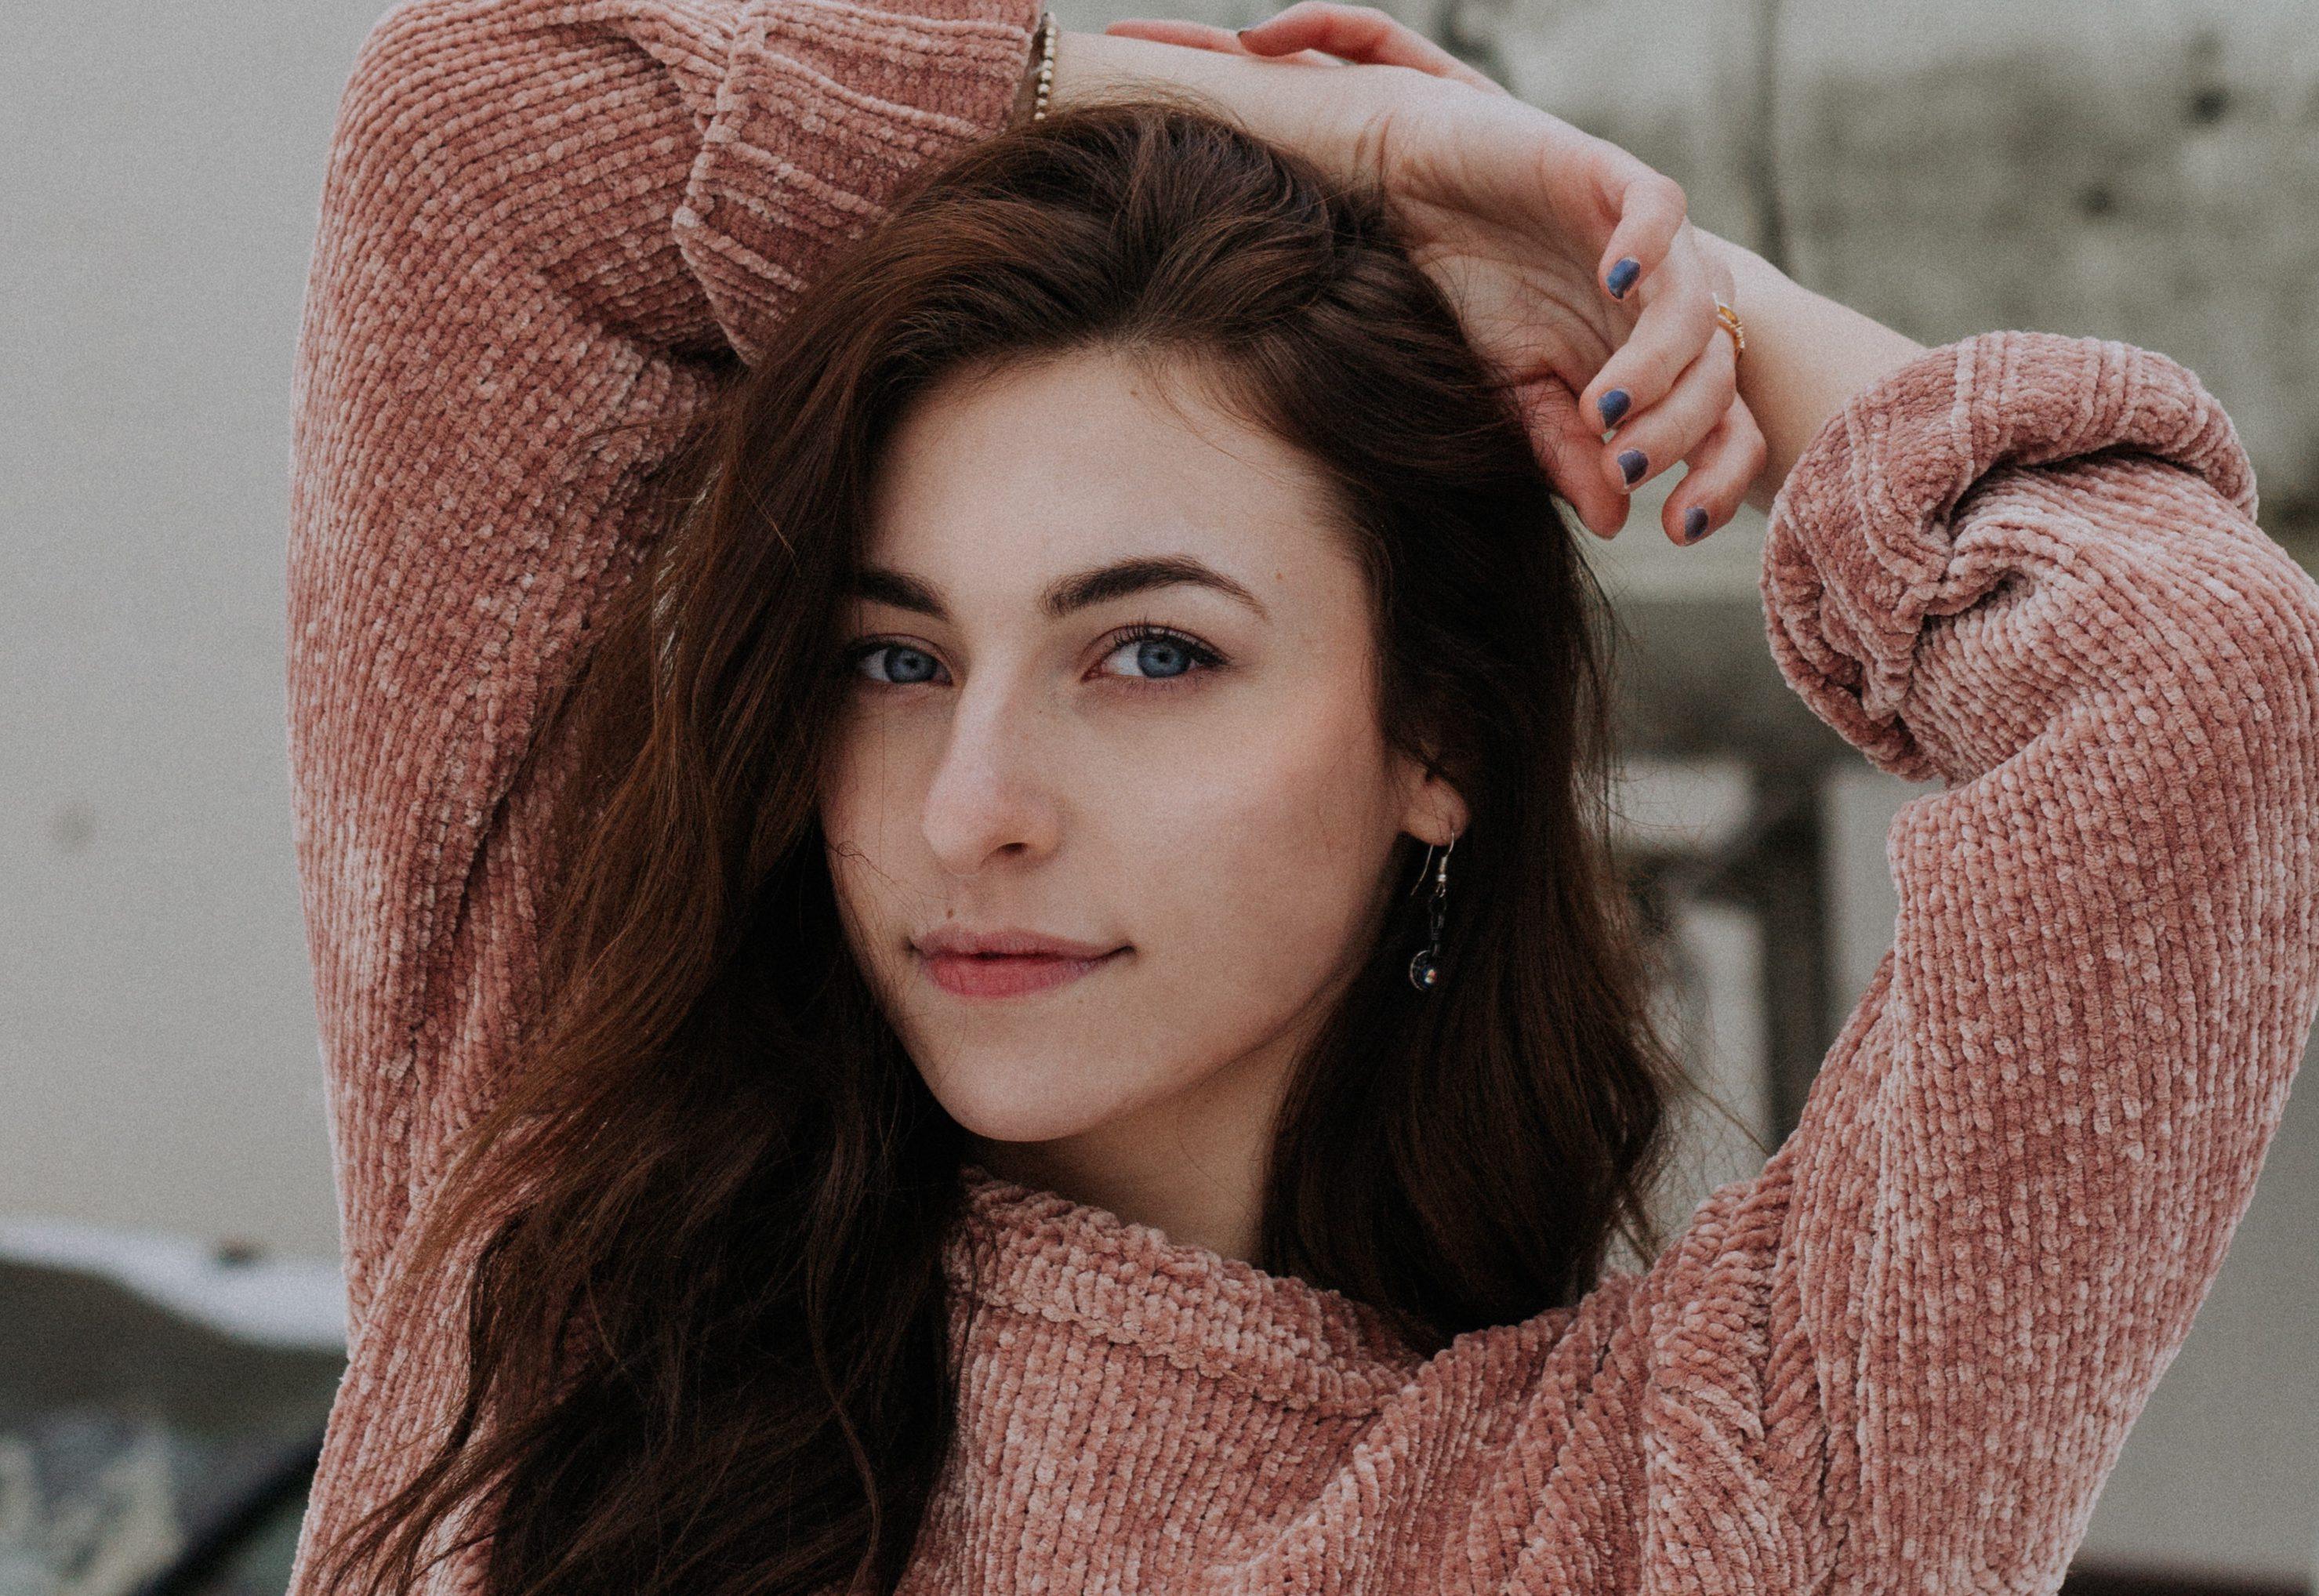 Adeus cabelos oleosos: veja 5 dicas para acabar com o sebo dos fios